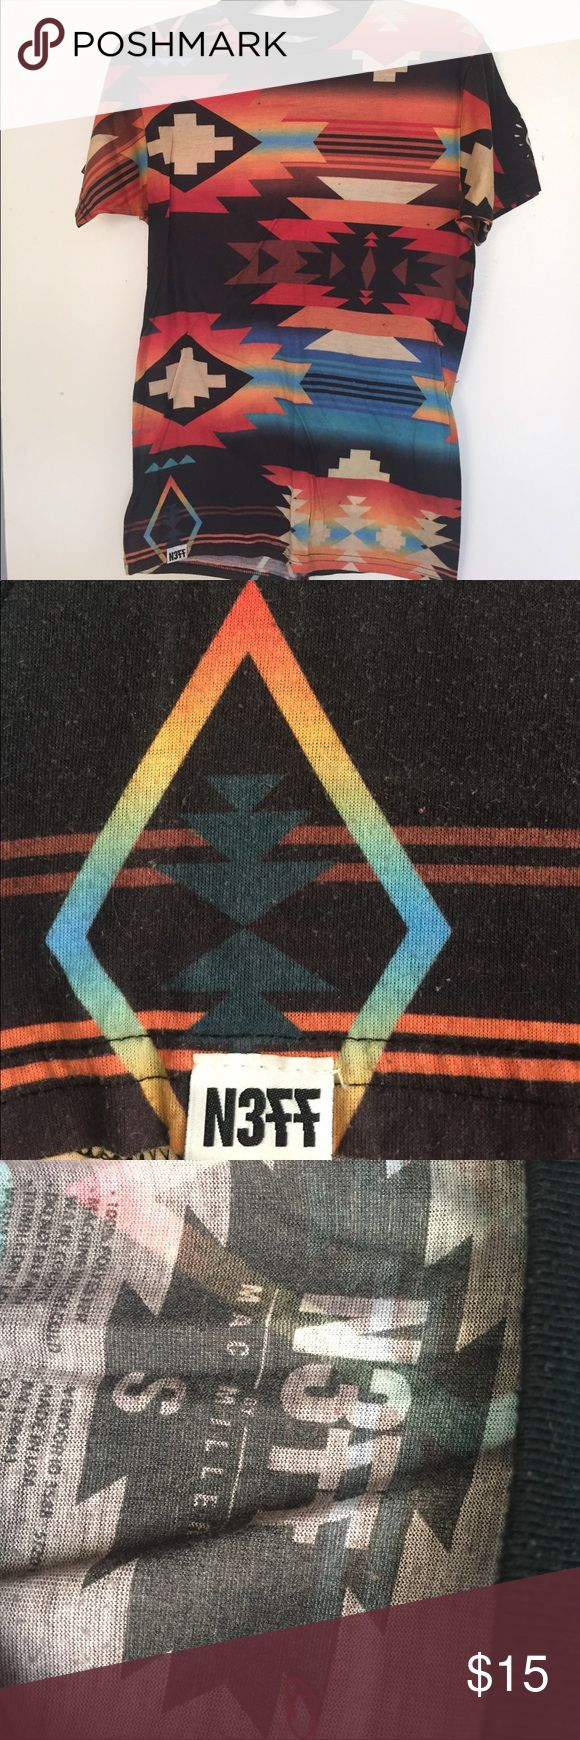 Shirt design program for mac - Neff By Mac Miller Men S Tee Mens T Shirt Size Small From Neff S Mac Miller